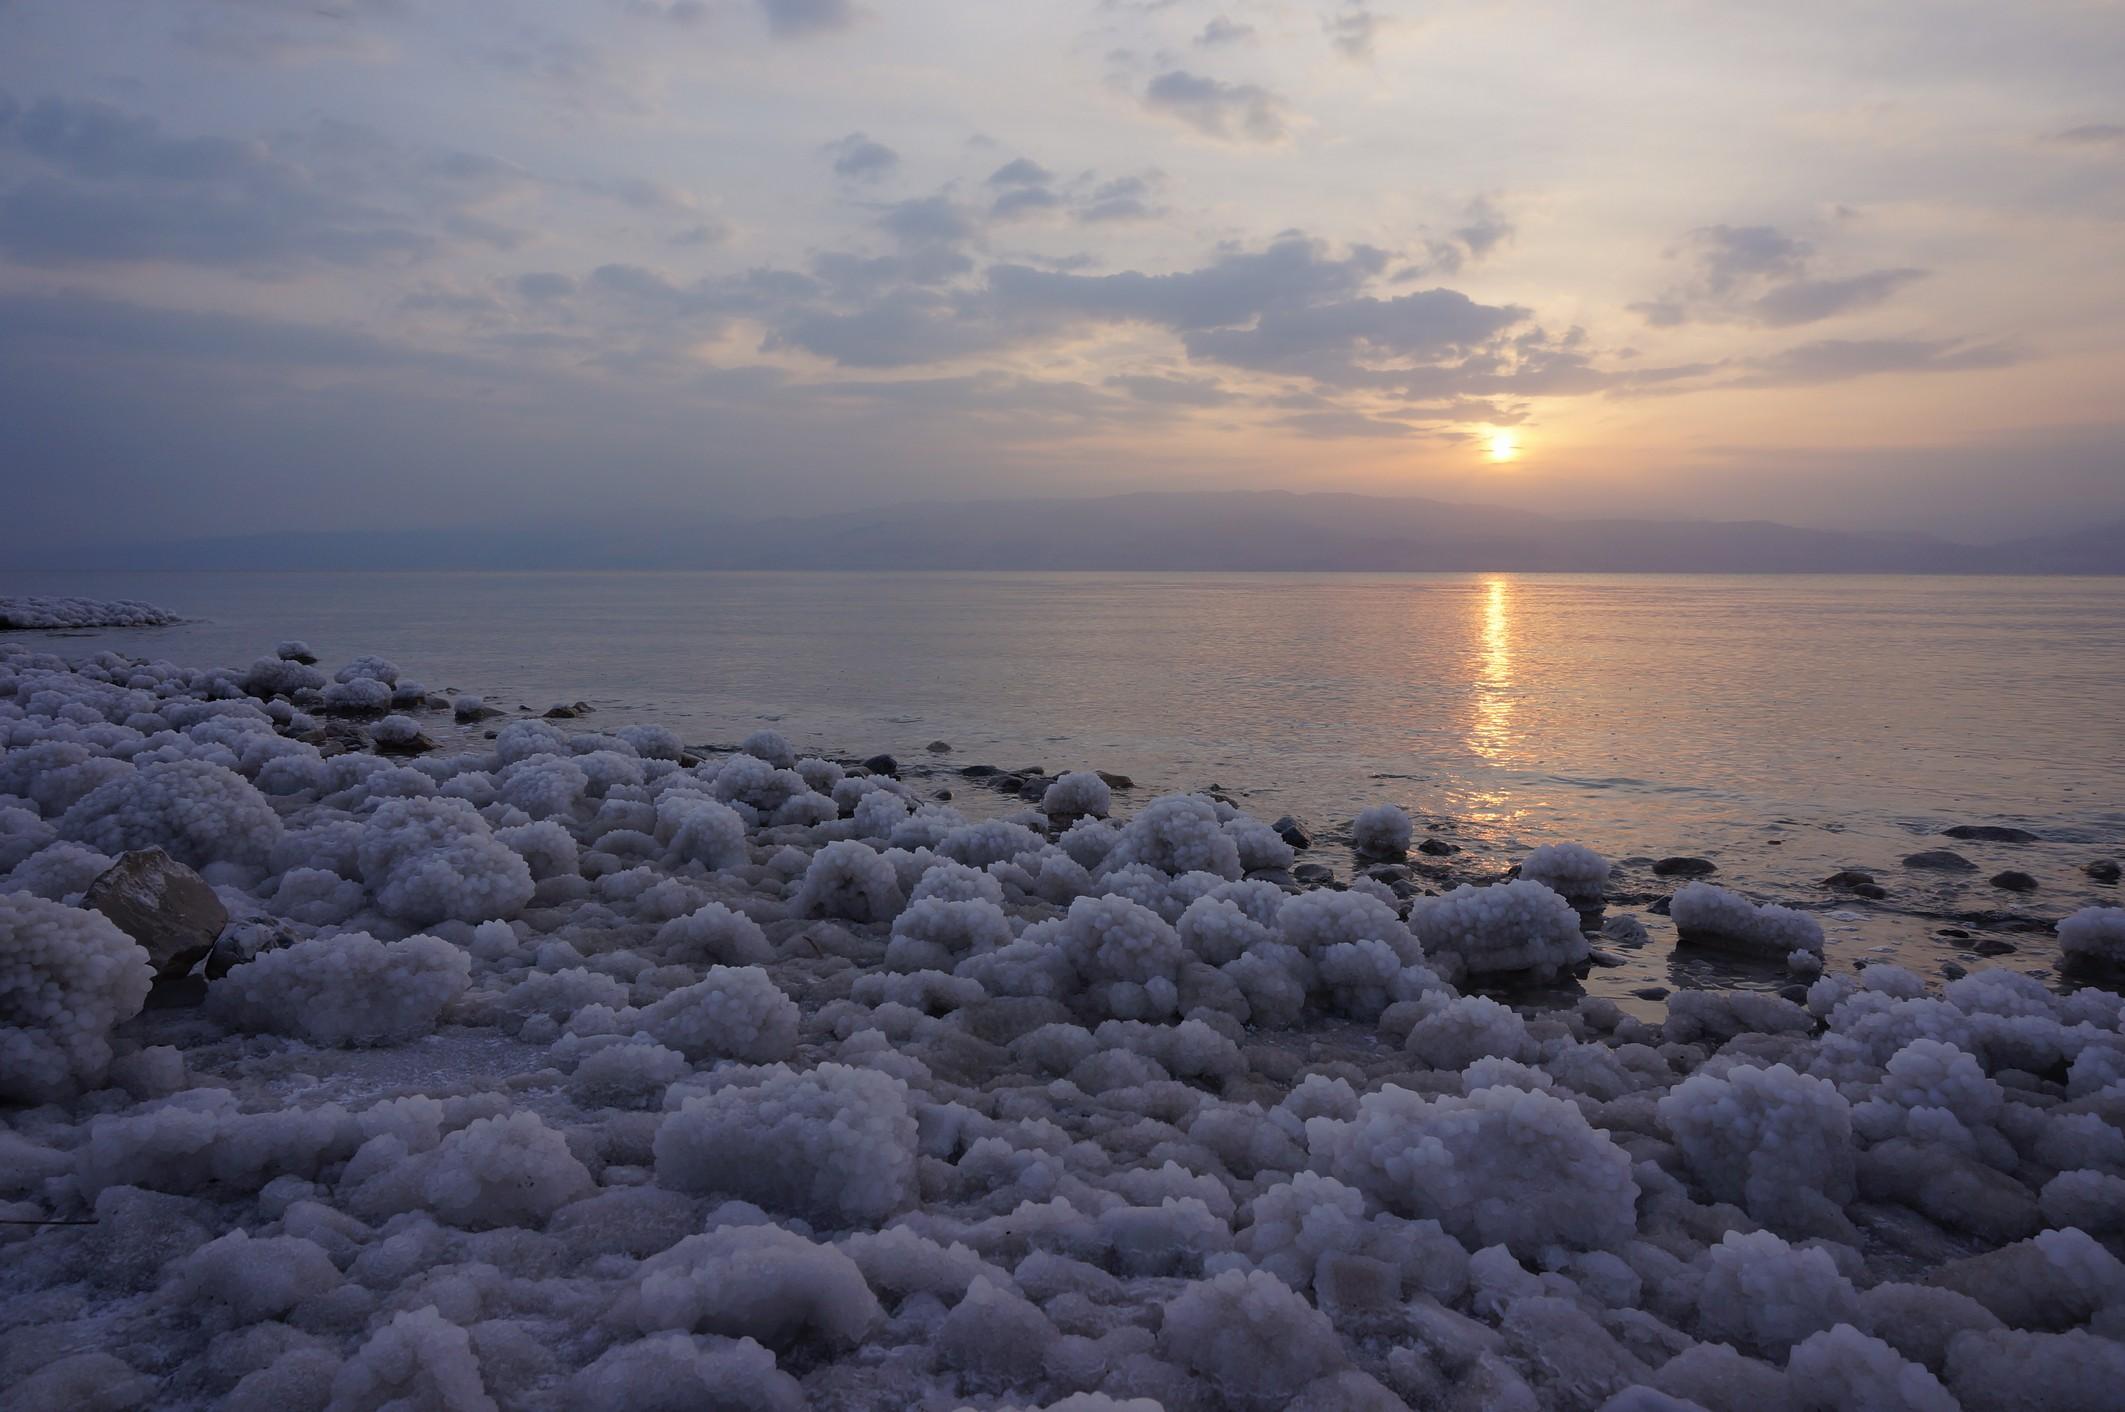 Israel: Dead Sea